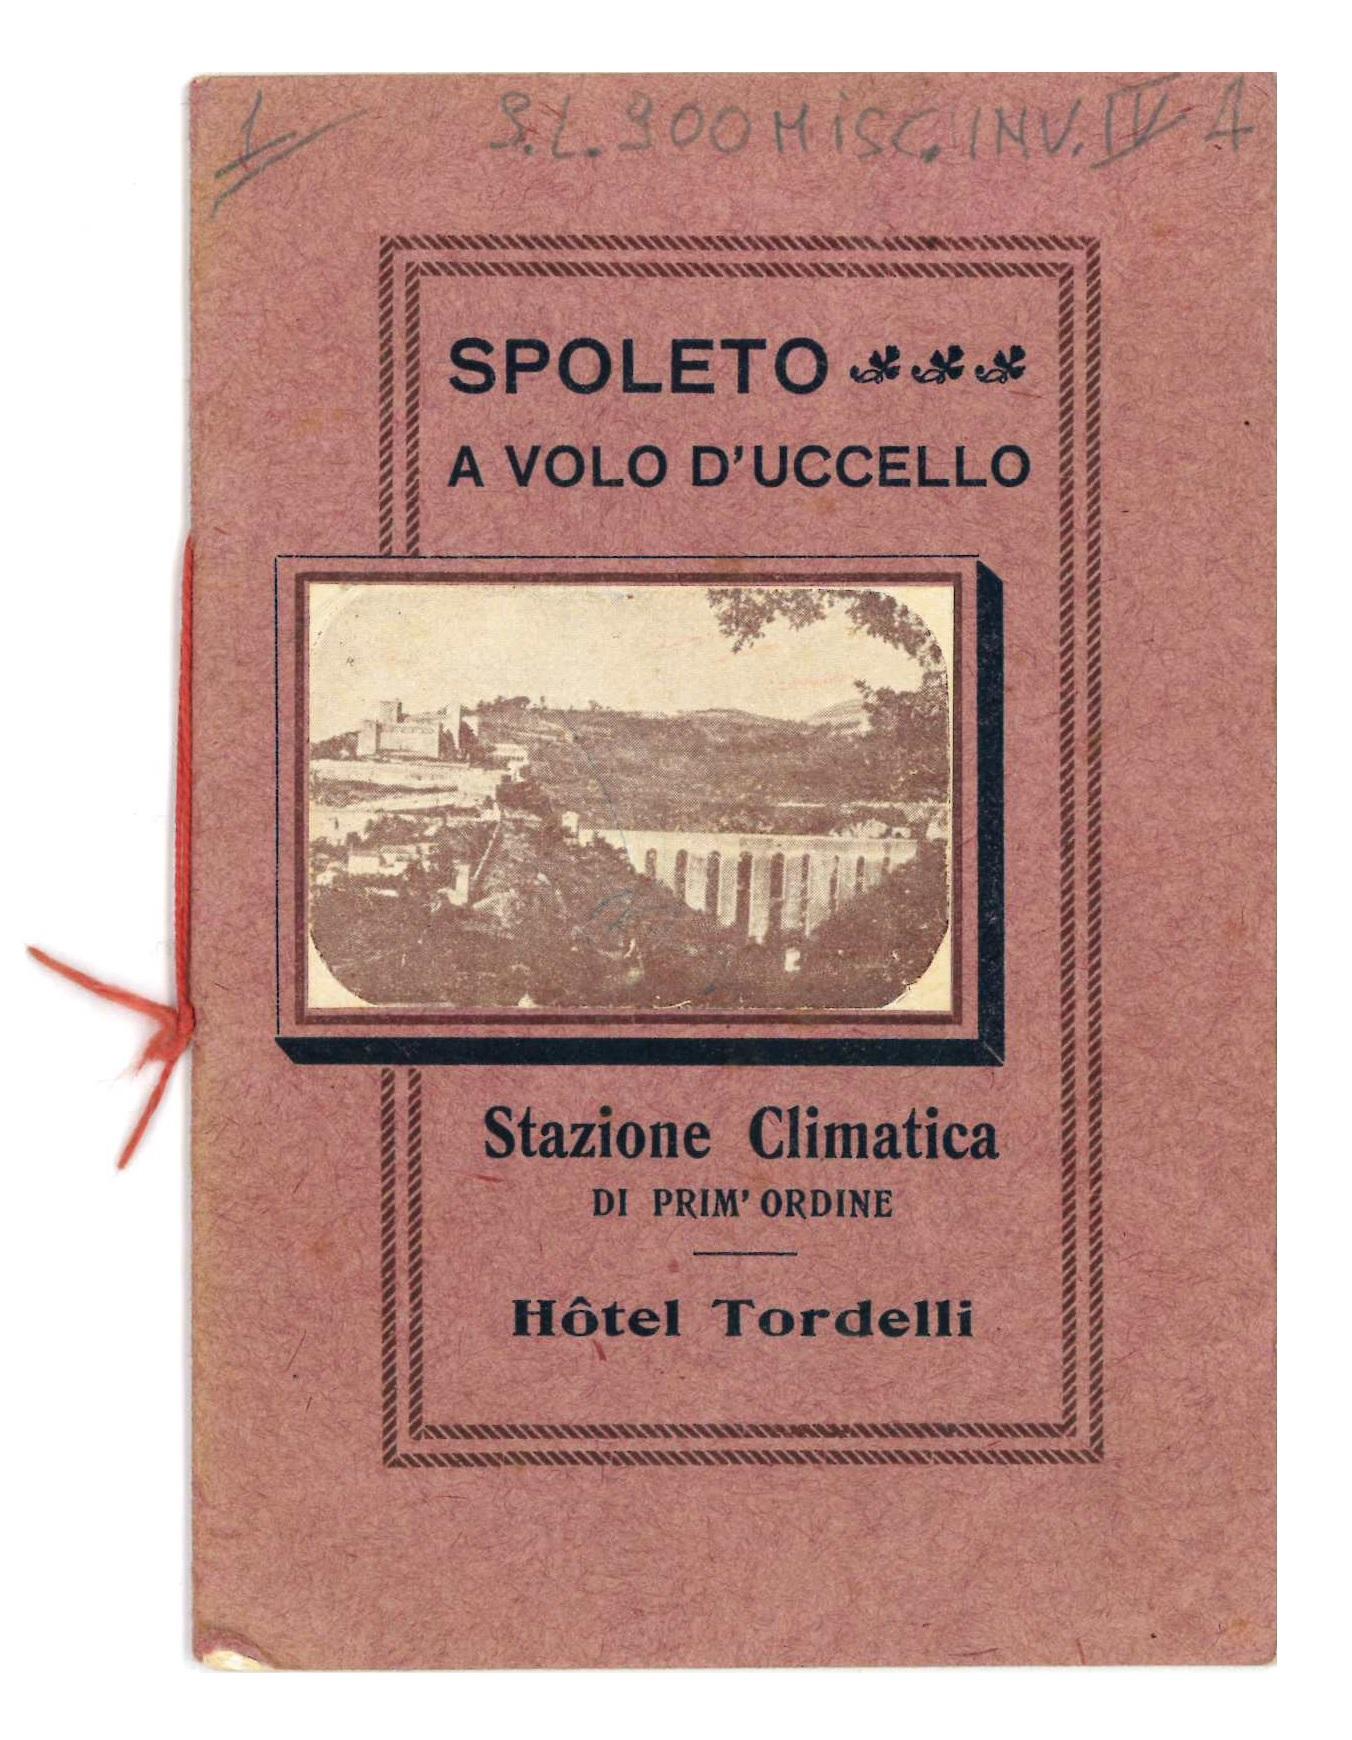 Spoleto a volo d'uccello | Guida hotel Tordelli